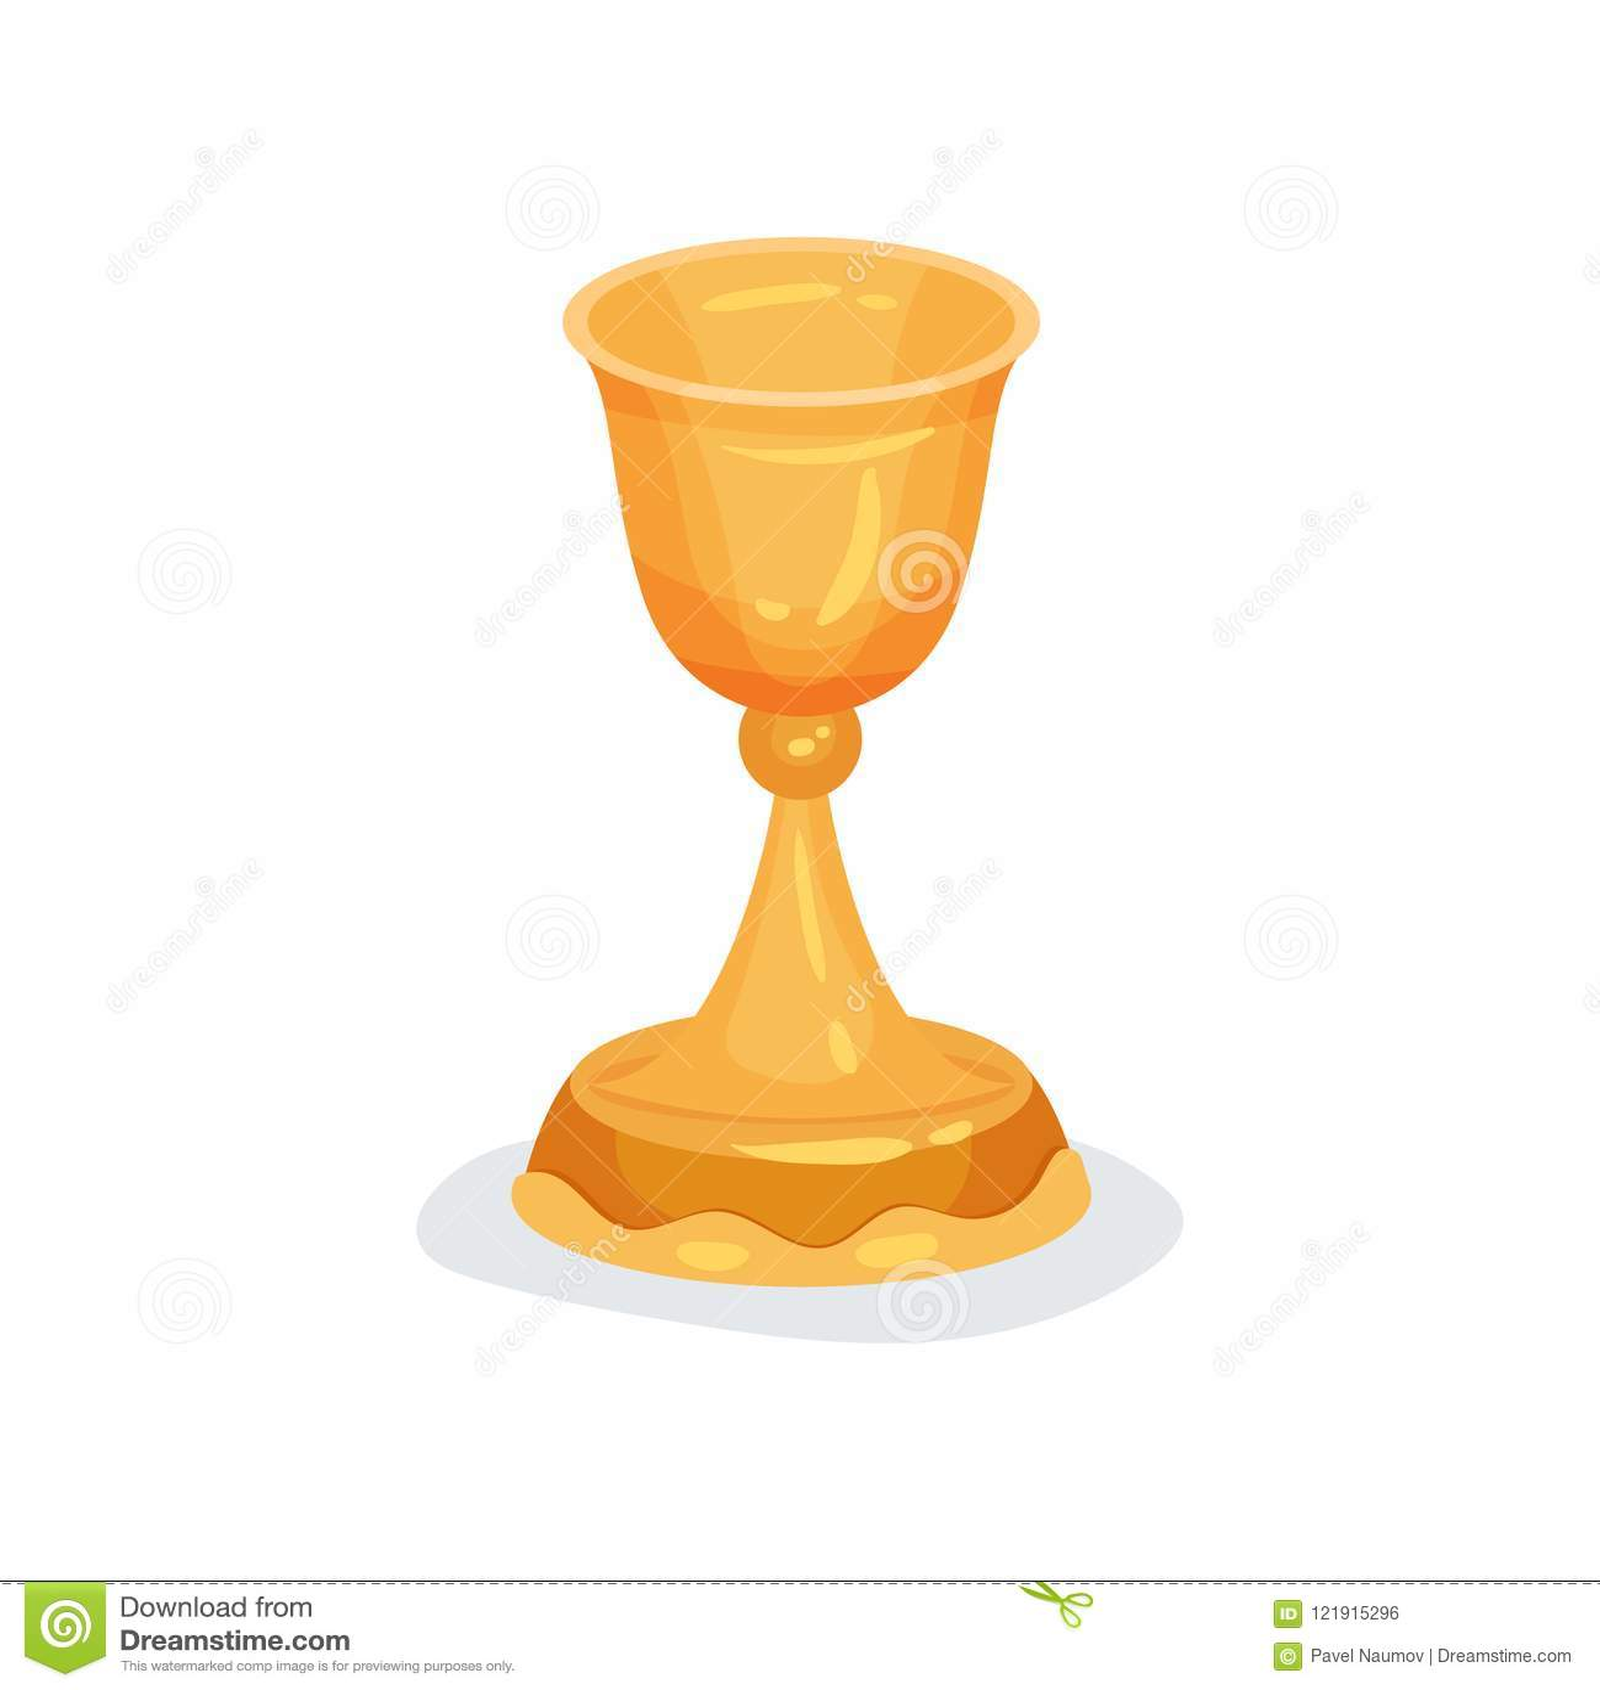 Plan vektorsymbol av den guld- bägaren som används i kristna ceremonier Liturgisk skyttel för sakramentalt vin eller helgedom